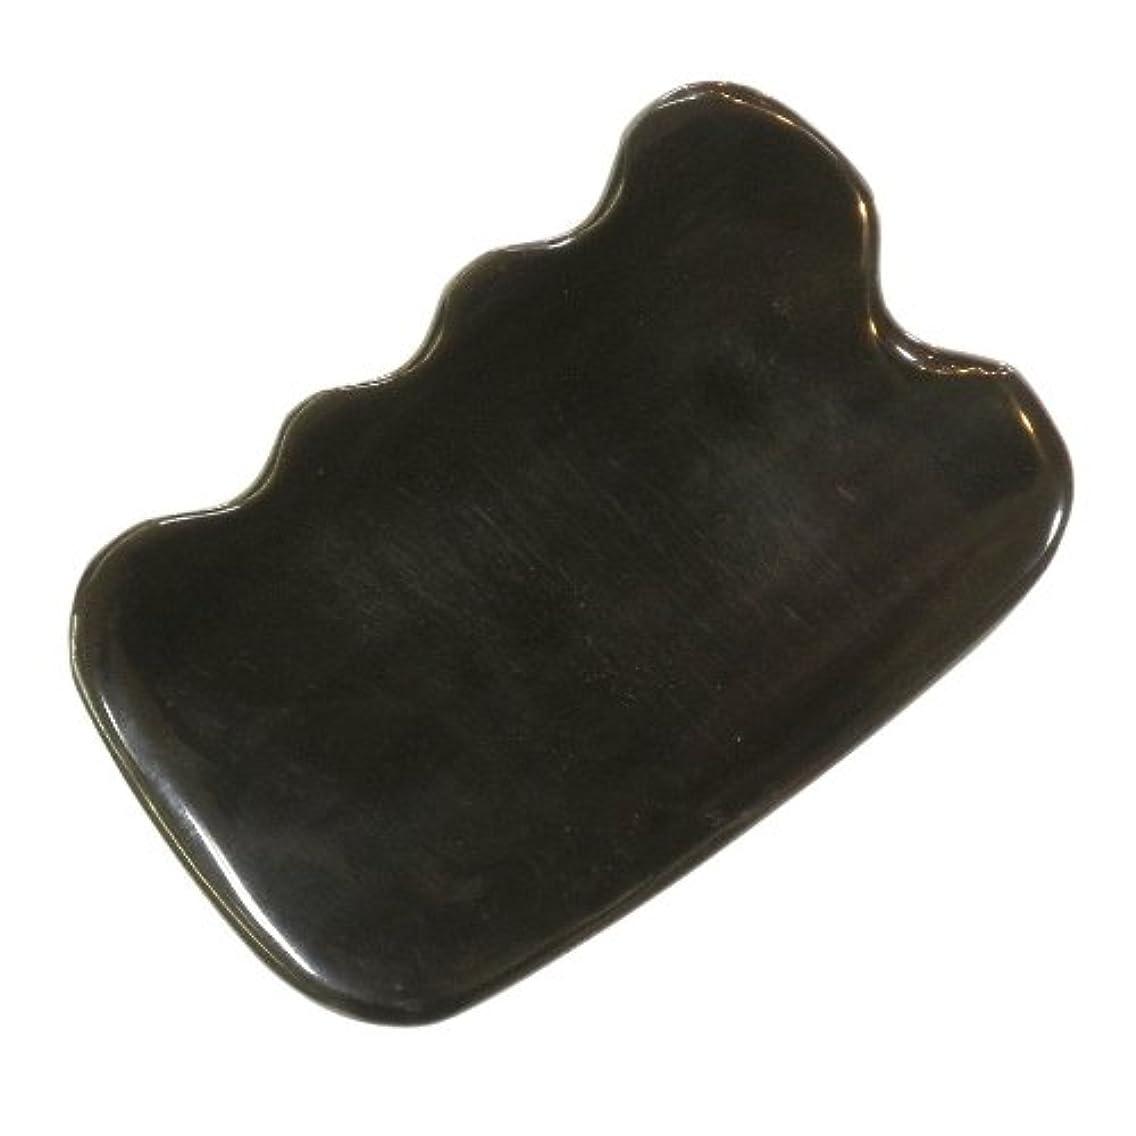 リファインまとめる禁止かっさ プレート 厚さが選べる ヤクの角(水牛の角) EHE272SP 四角波大 特級品 標準(6ミリ程度)